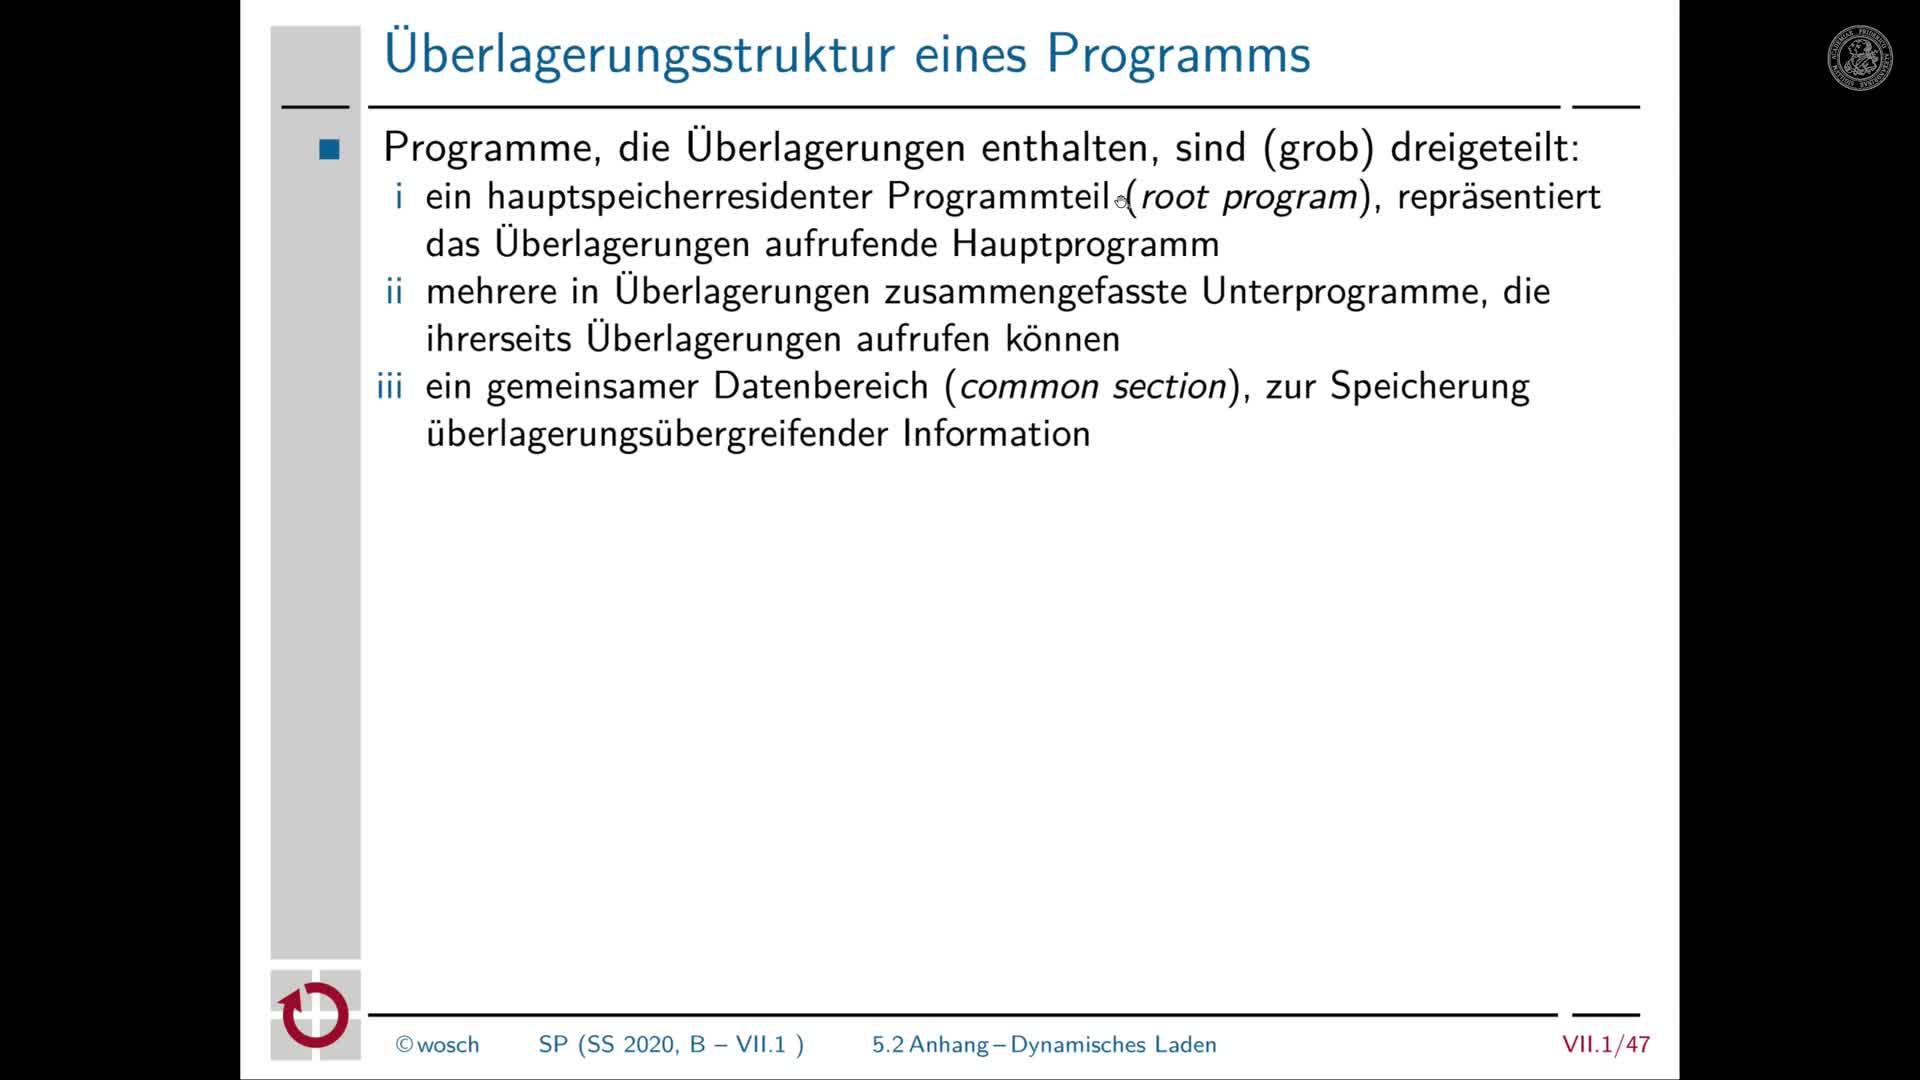 7.1.13 Stapelverarbeitung: Anhang zu Programmüberlagerungen preview image